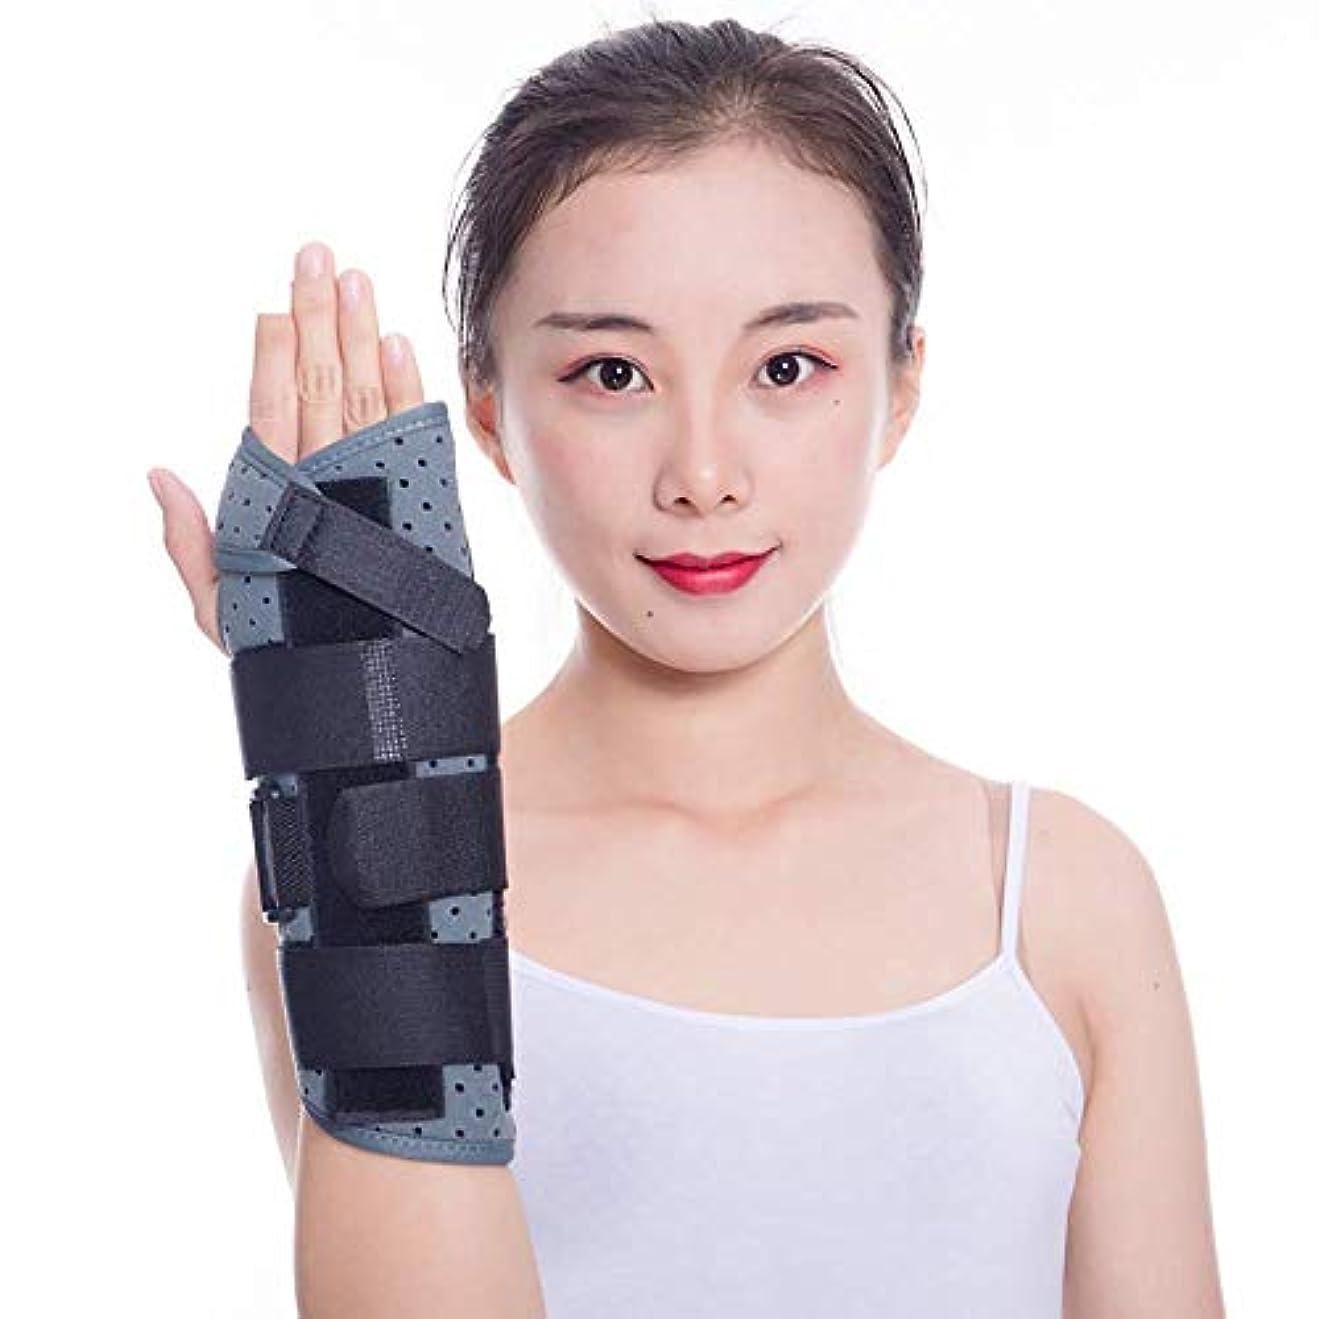 ドキュメンタリー仮説また明日ね手根管手首支柱 - 男性と女性、腱炎、関節炎、壊れた、スポーツのけがの痛みを軽減するための夜間の睡眠中の手首のサポート,Left,L